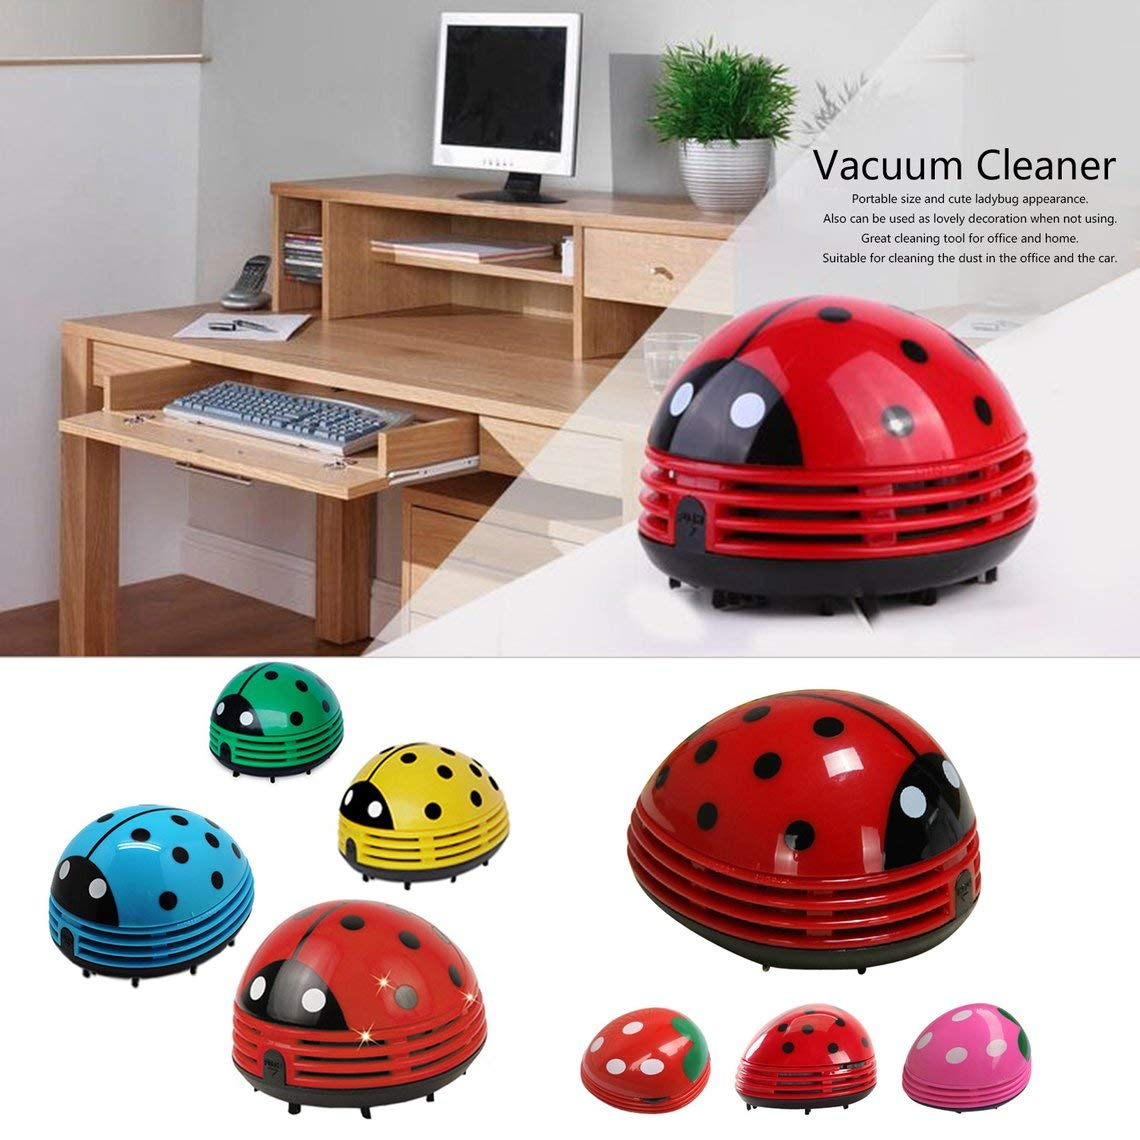 Momorain Mini tama/ño encantador lindo dibujos animados forma de mariquita aspiradora de escritorio teclado de oficina en casa colector de polvo limpiador